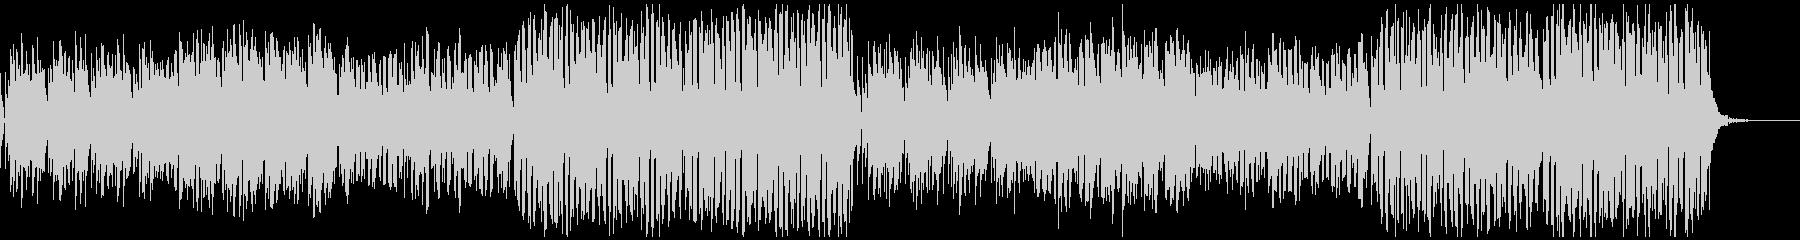 クール・スタイリッシュ・EDM・1の未再生の波形